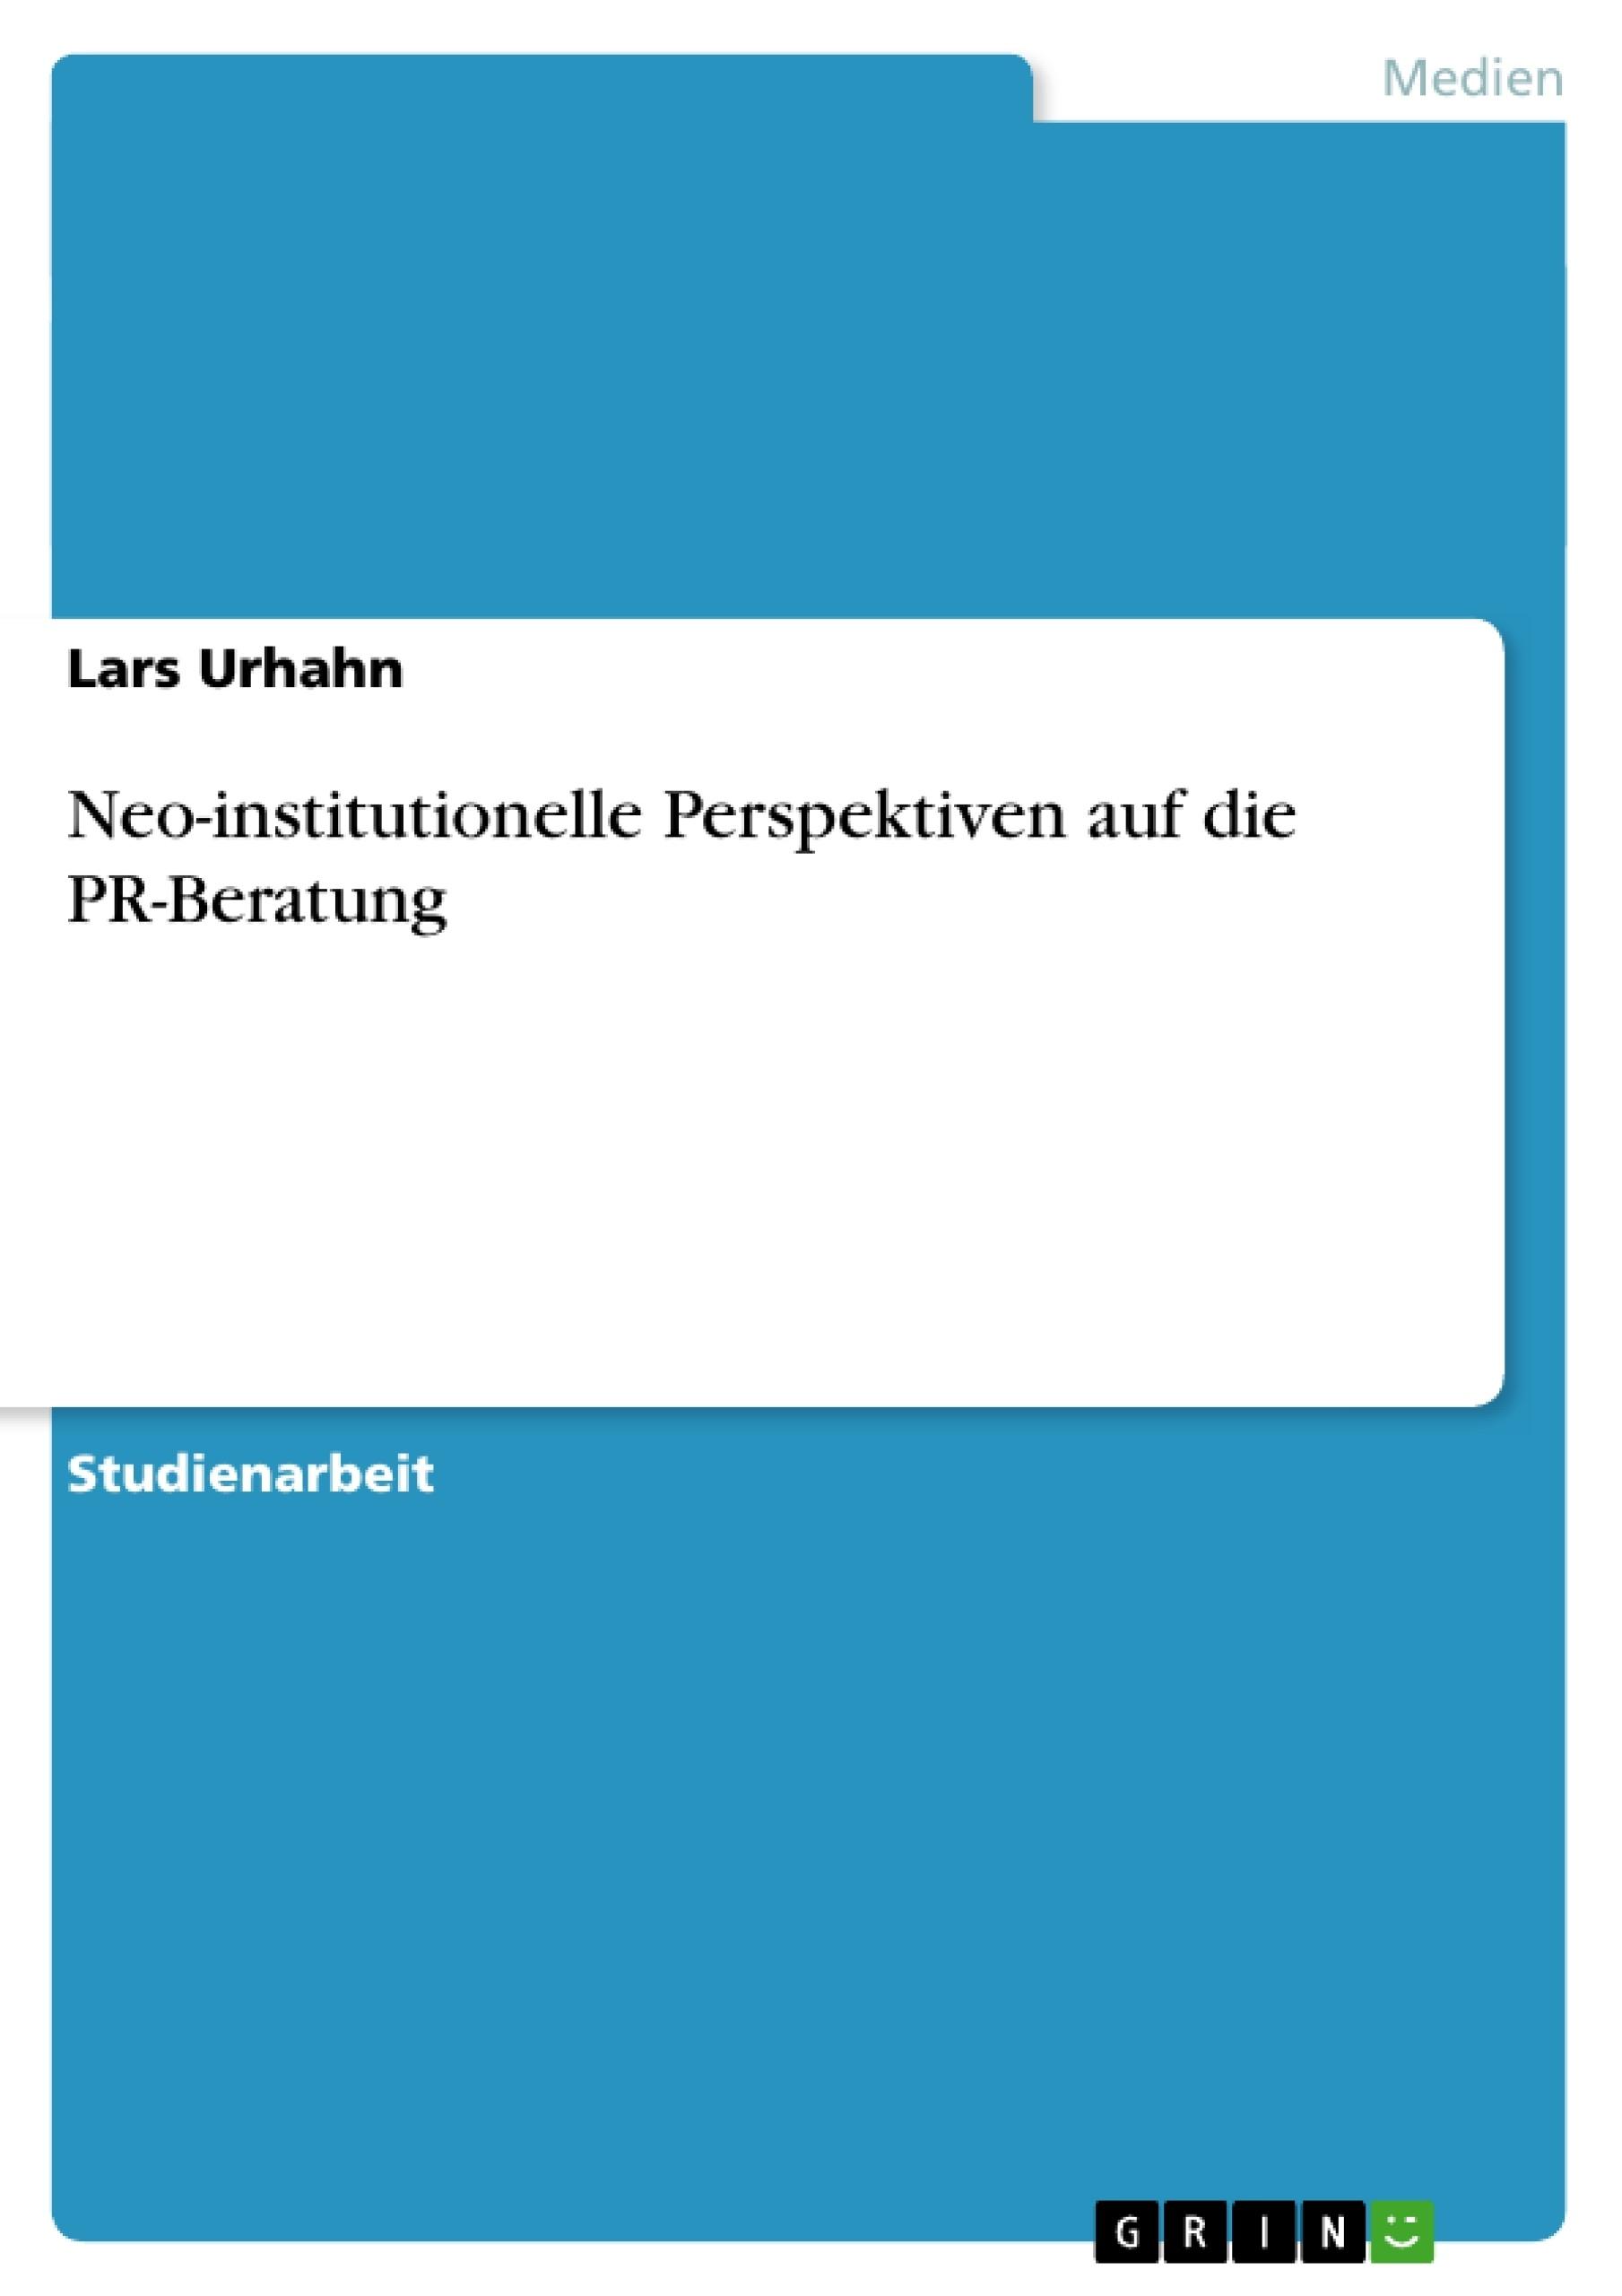 Titel: Neo-institutionelle Perspektiven auf die PR-Beratung